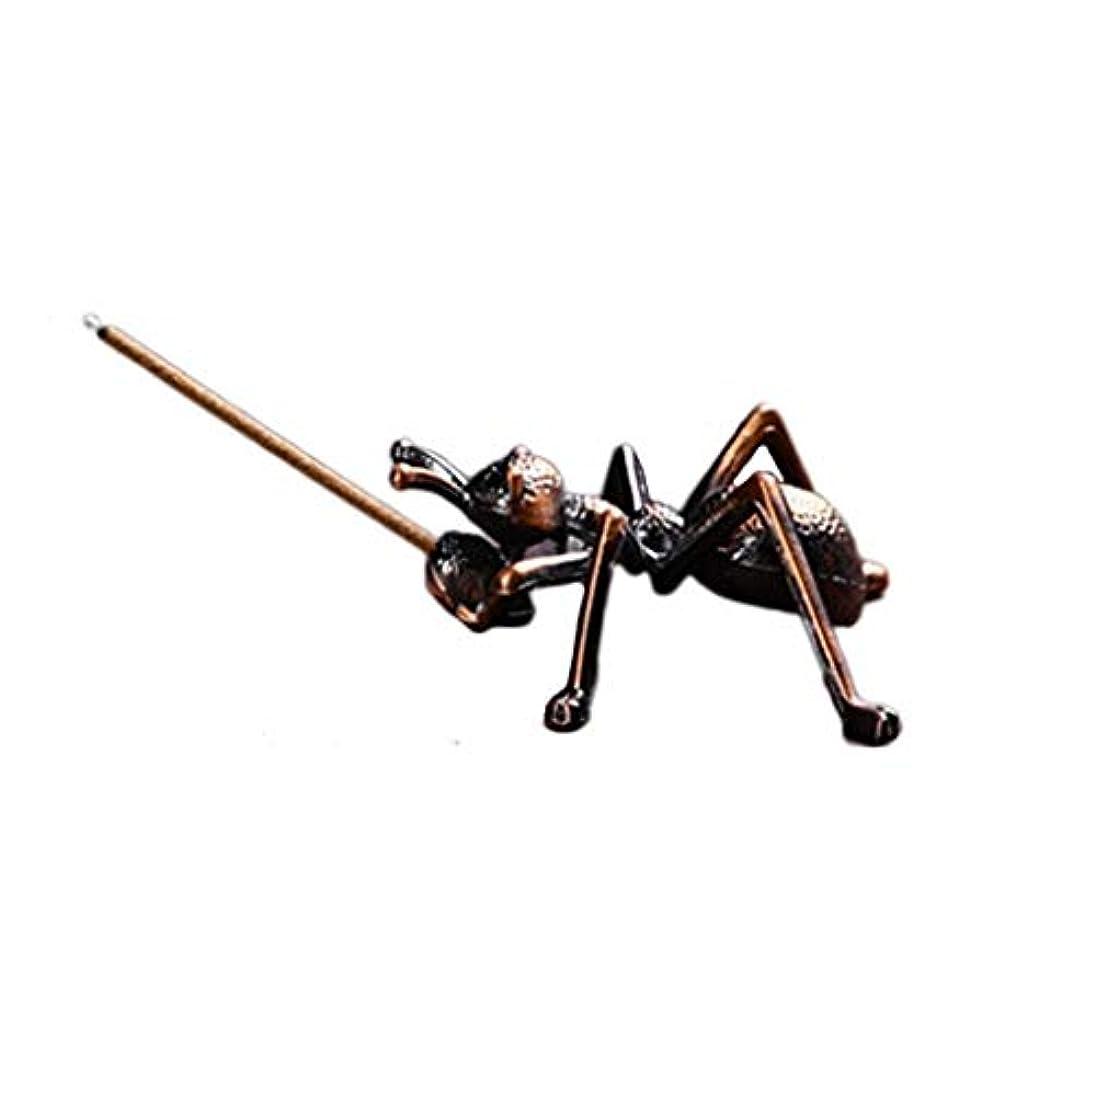 ゴミジェムコモランマ合金蟻香バーナーミニ線香ホルダー小さな香バーナーホルダーホームデコレーション香オイルバーナー (Color : Brown, サイズ : 1.96*0.86inchs)